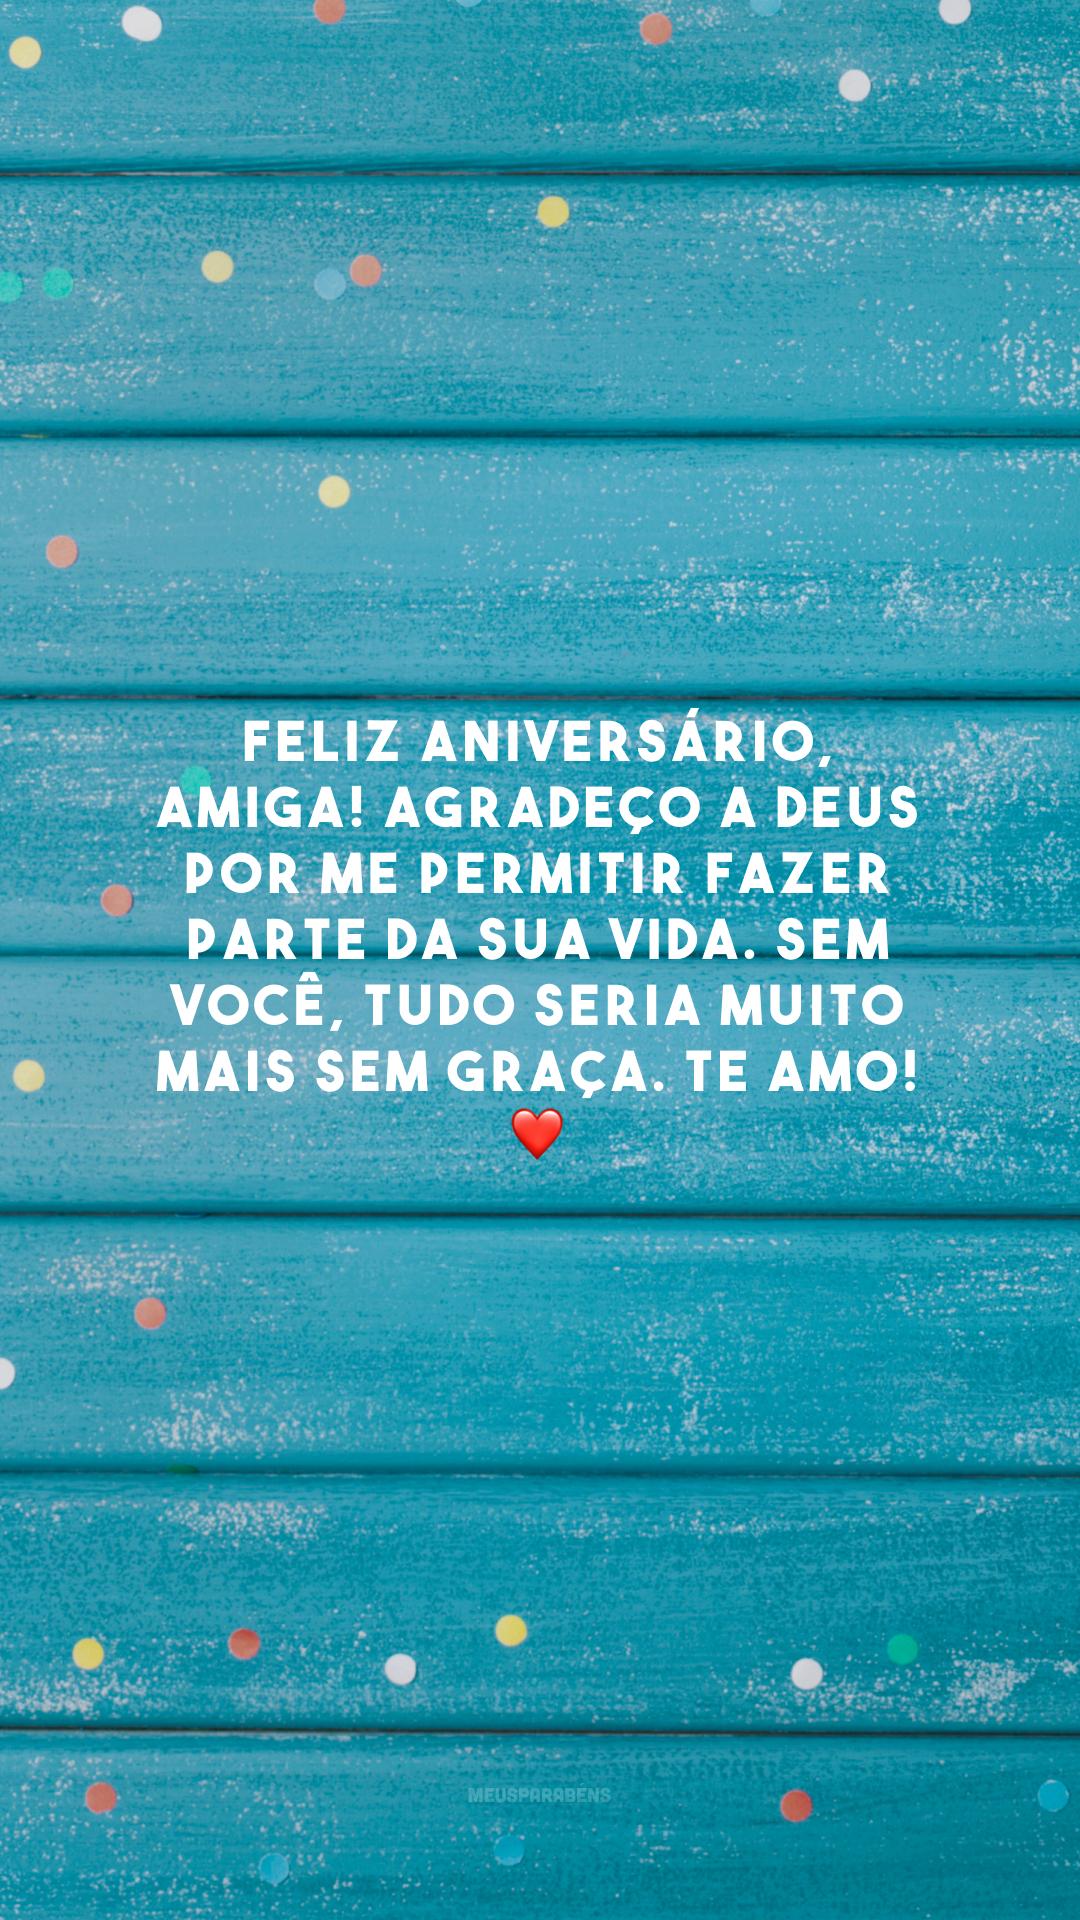 Feliz aniversário, amiga! Agradeço a Deus por me permitir fazer parte da sua vida. Sem você, tudo seria muito mais sem graça. Te amo! ❤️